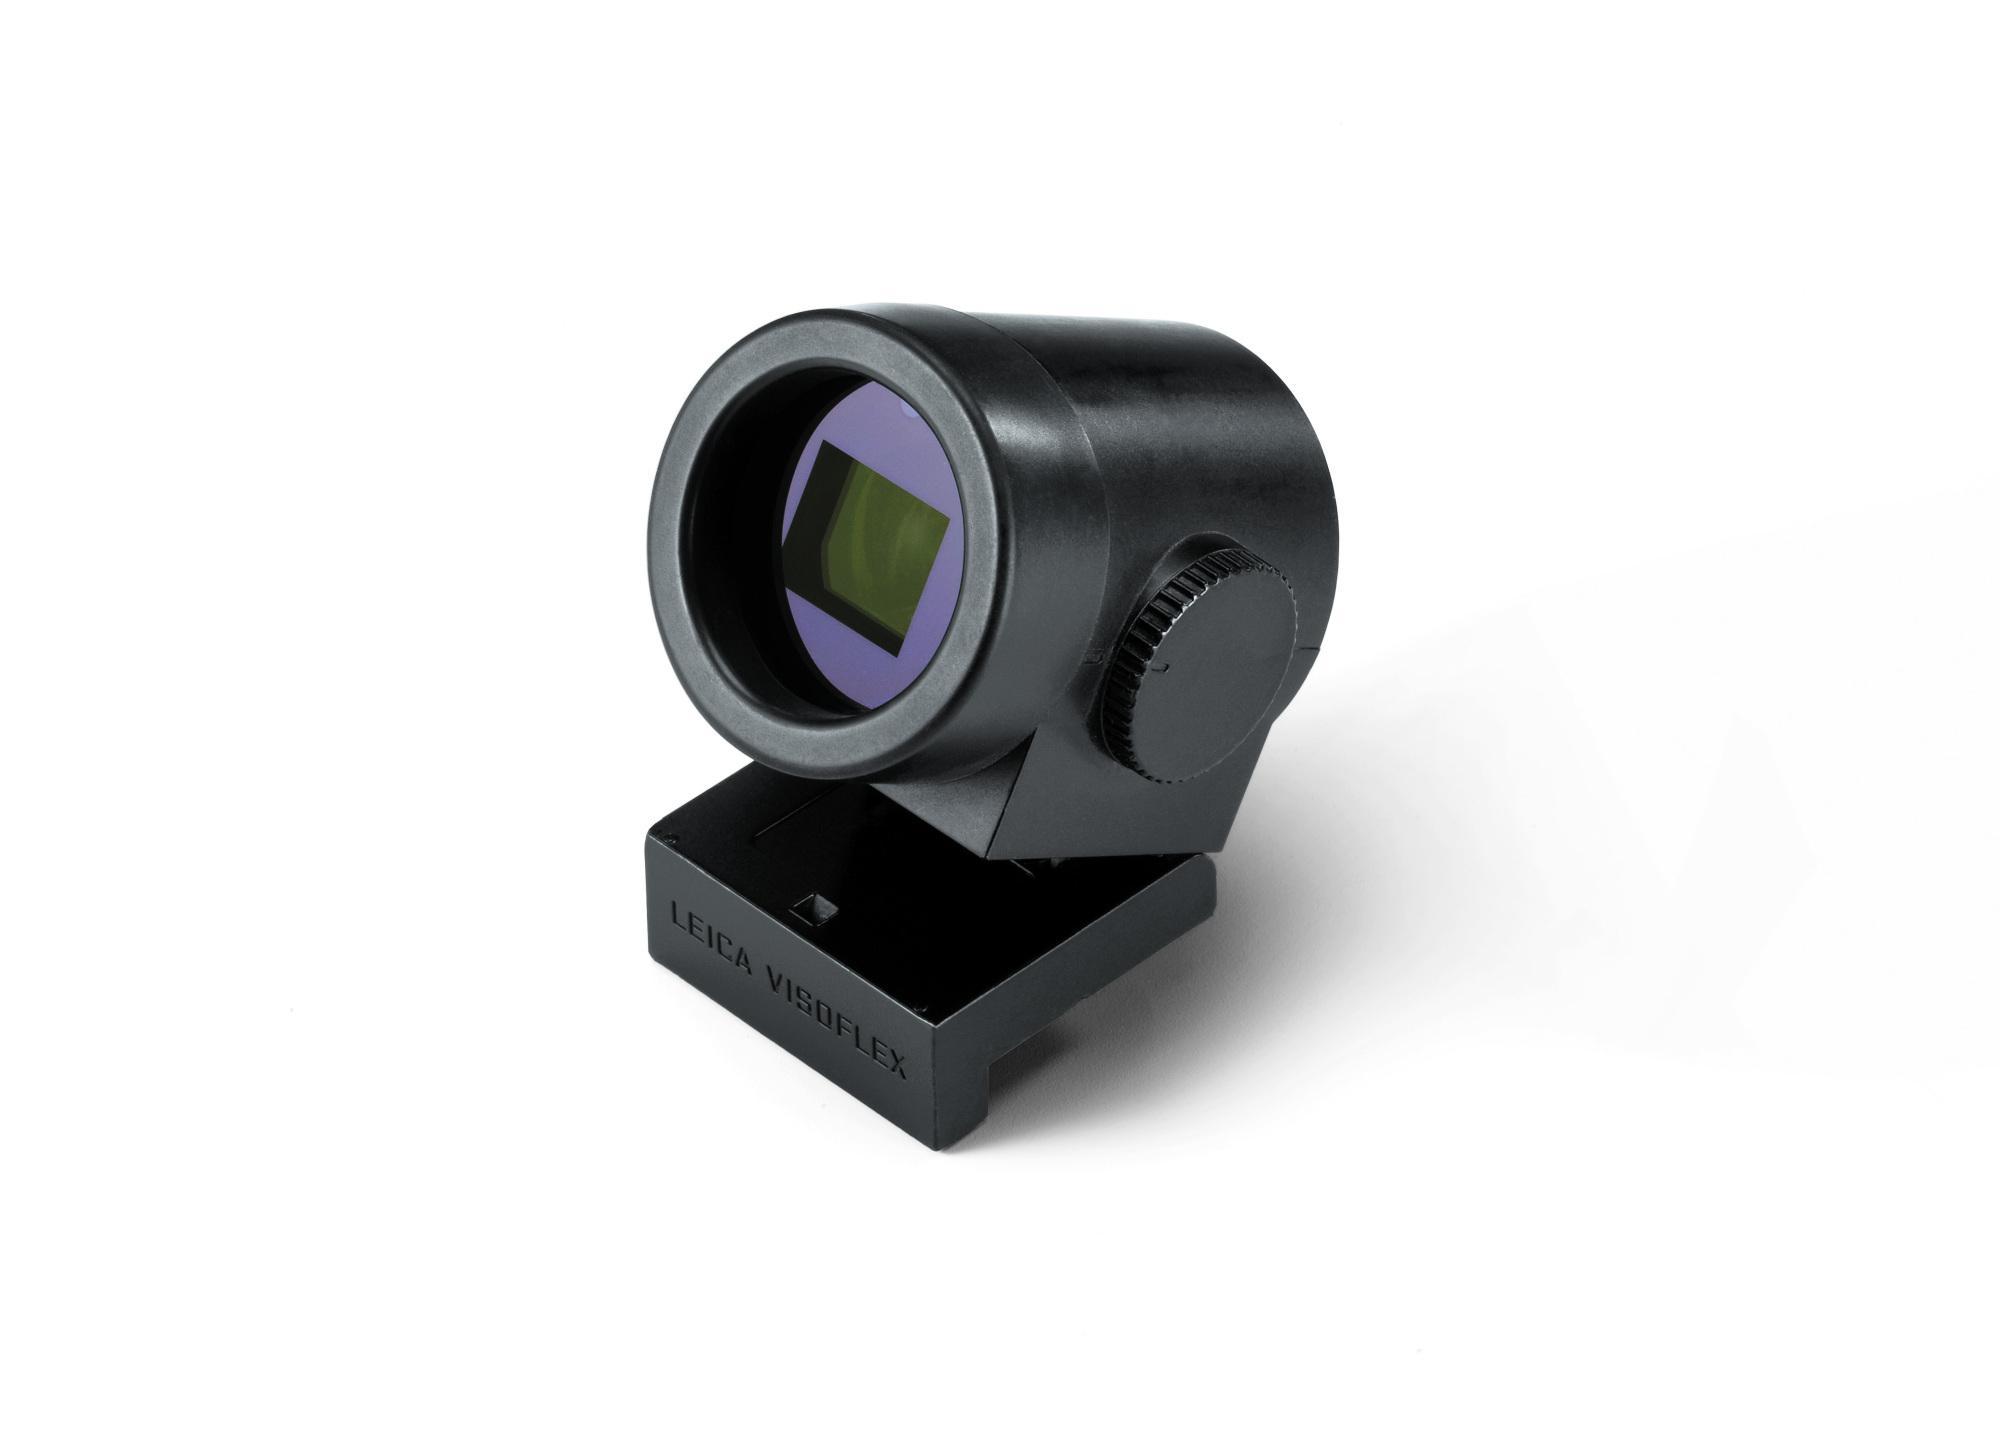 Der optional erhältliche Visoflex-Sucher ist mit einem 2,4-Megapixel-Bildschirm ausgestattet und hat ein GPS-Modul integriert.